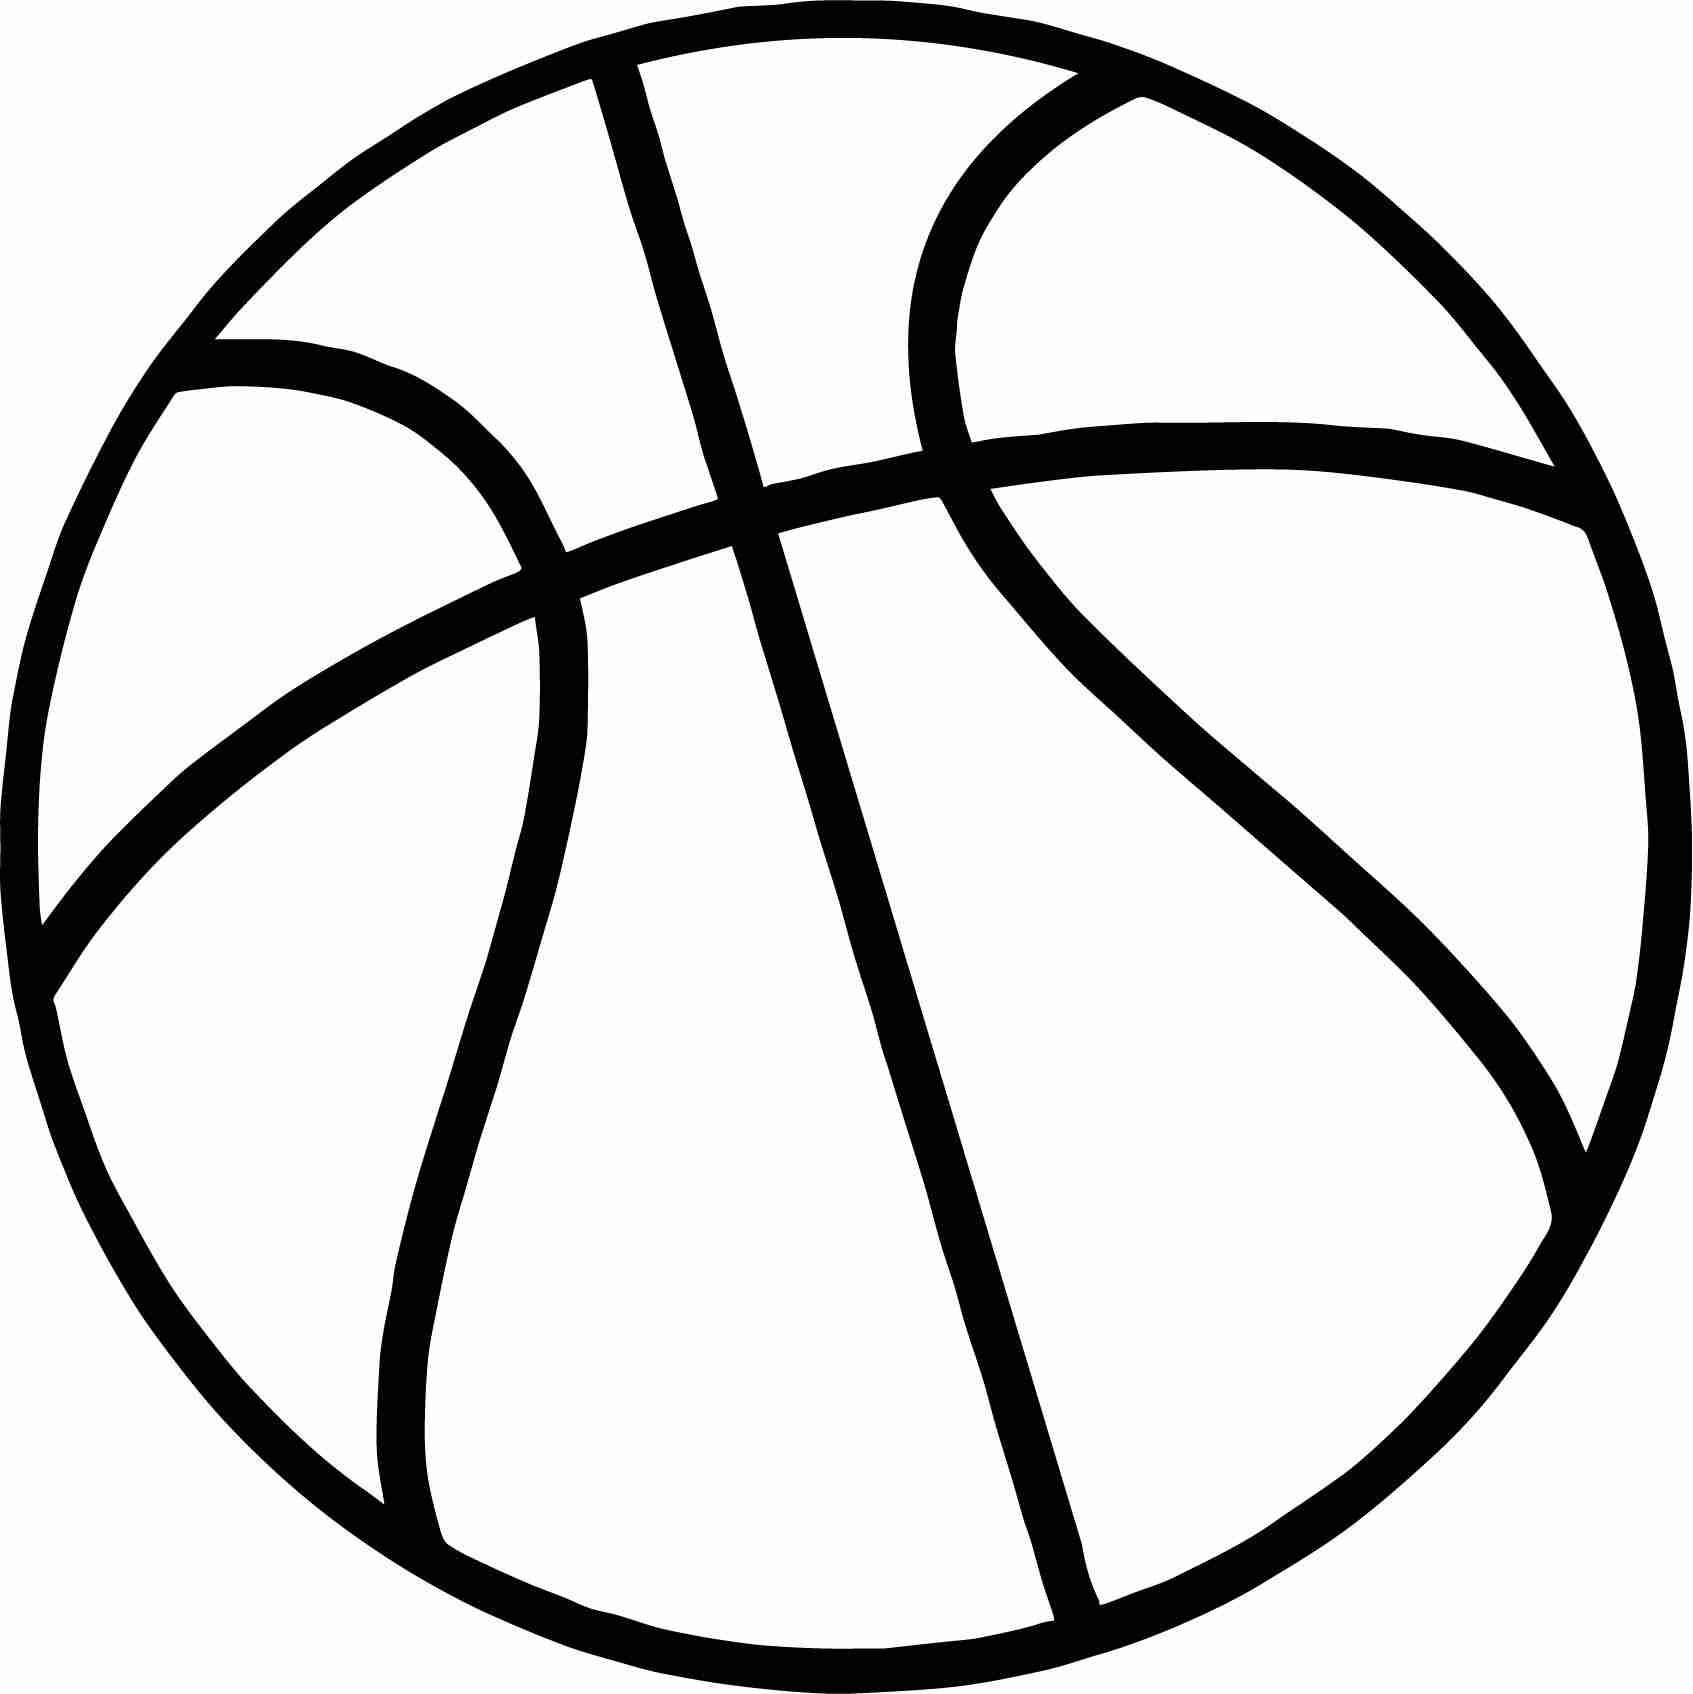 Ball Python Drawing